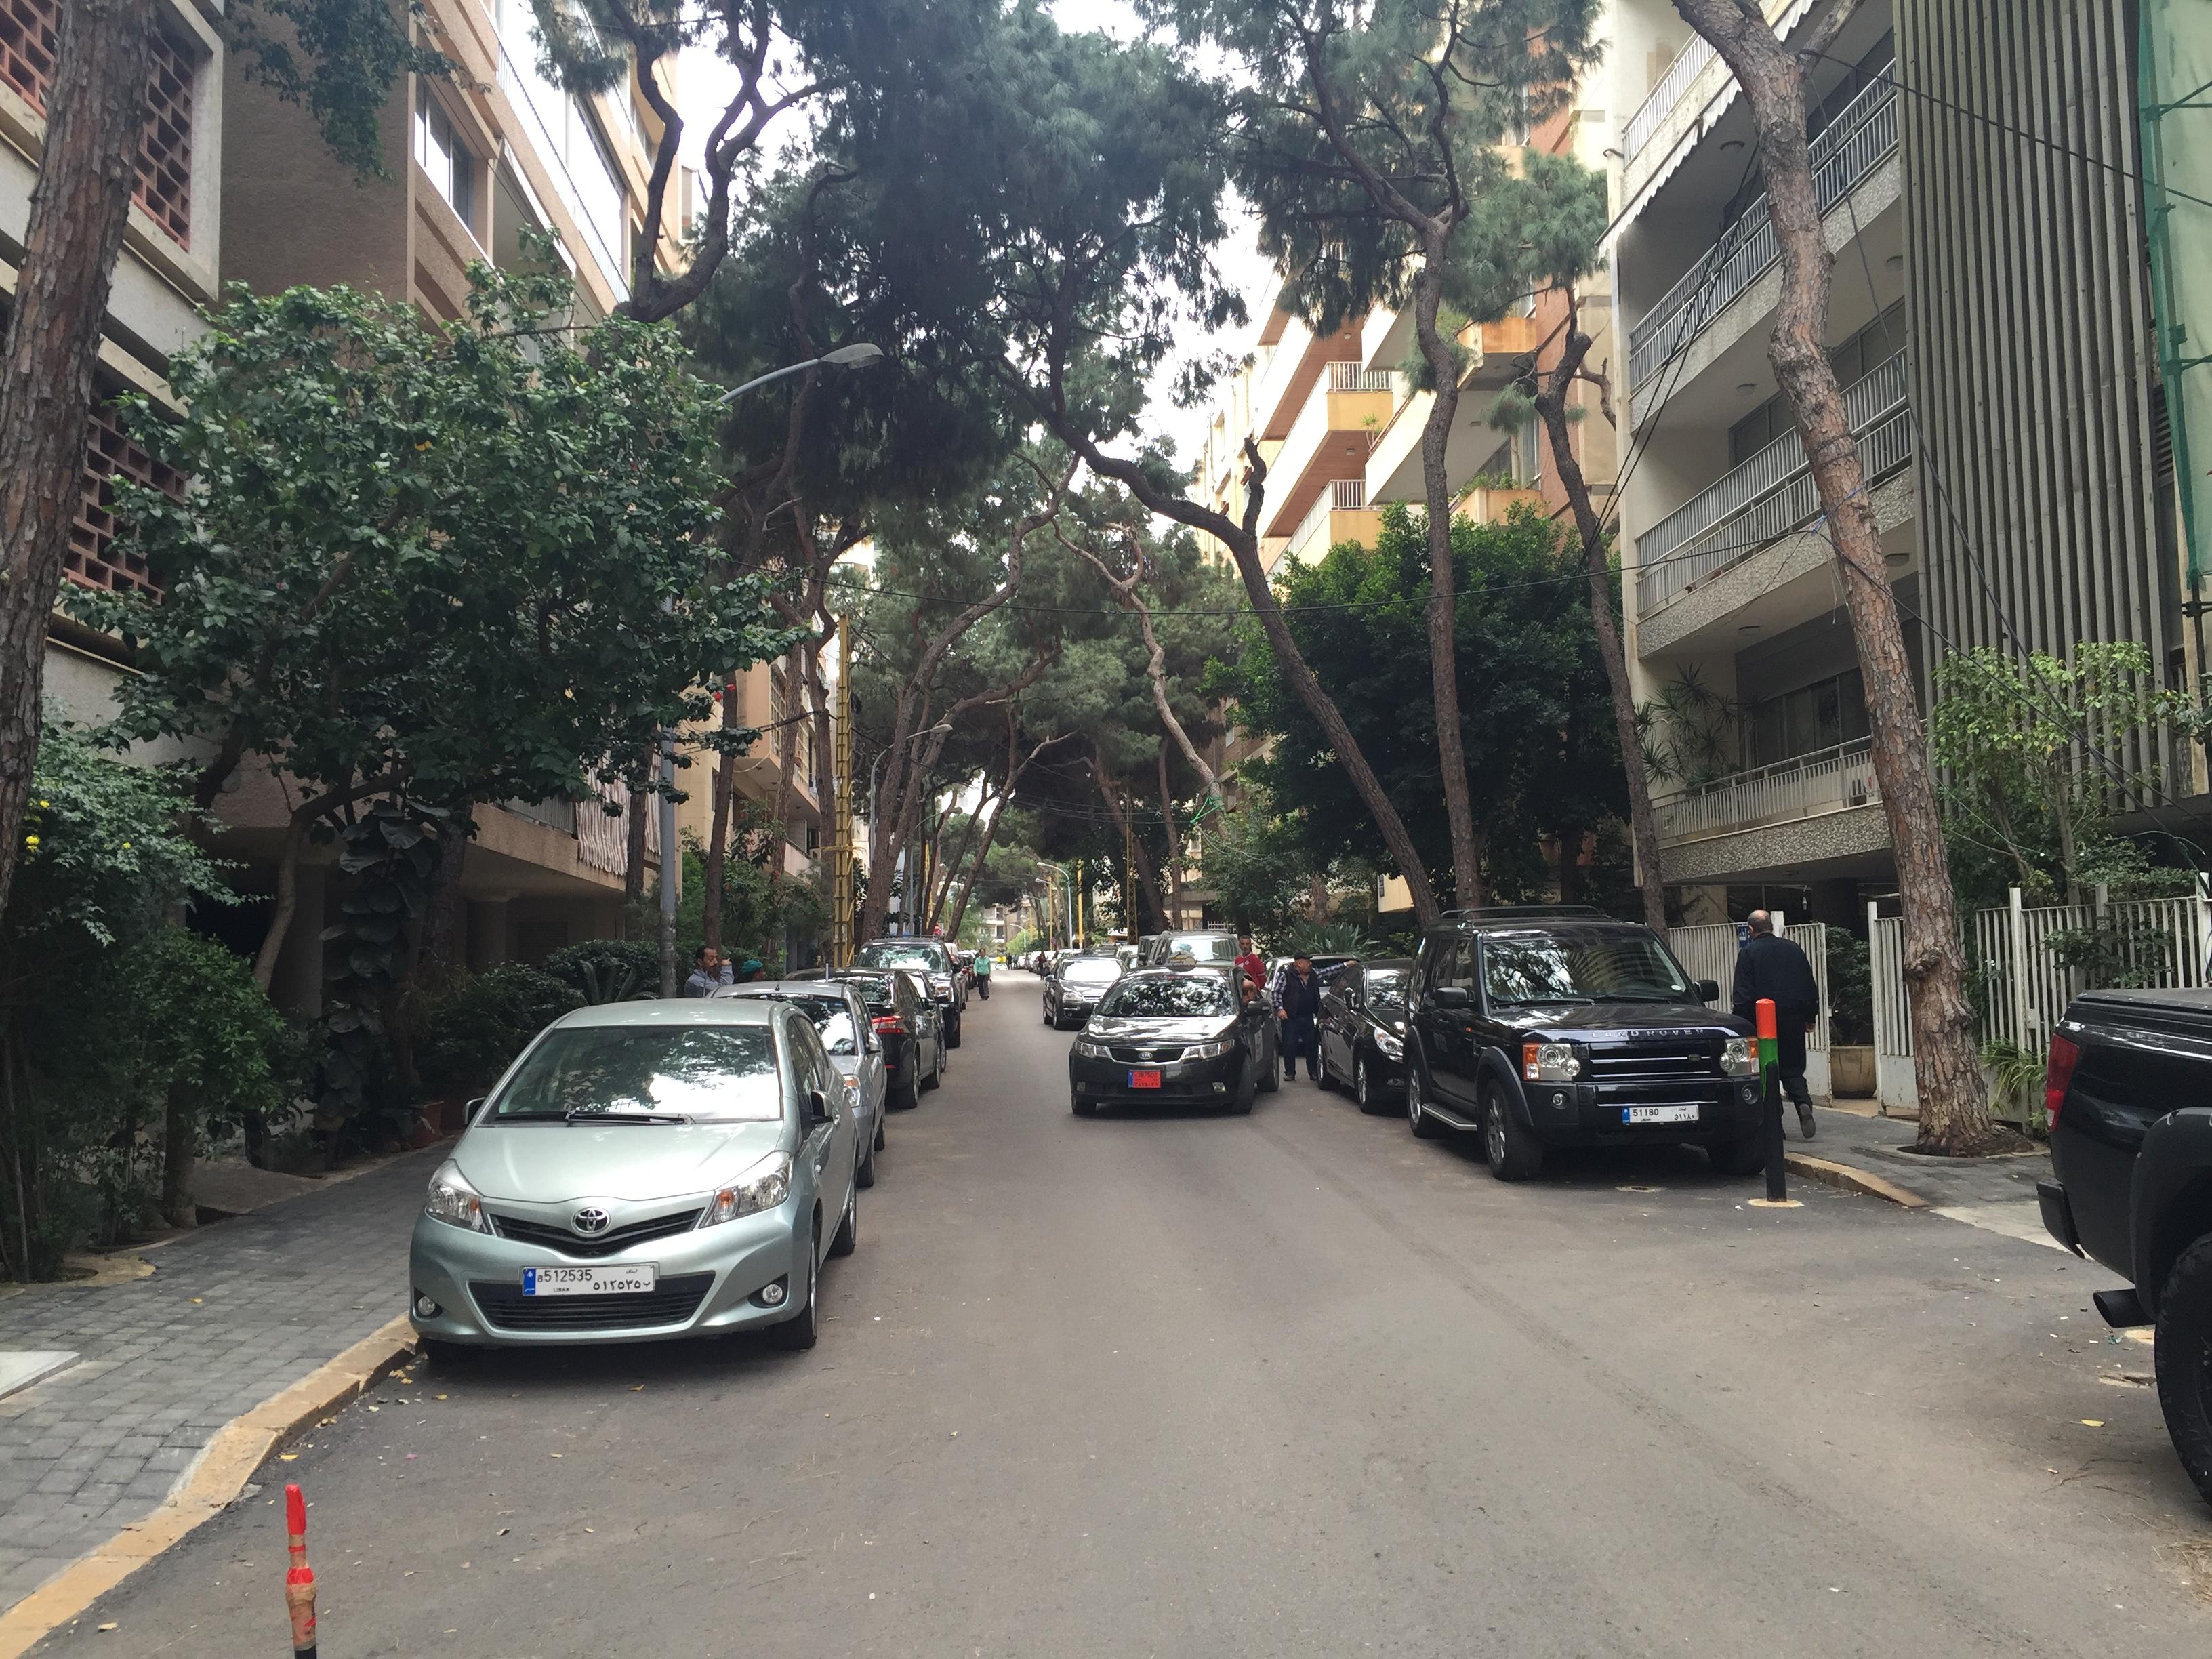 Leafy street in Badaro